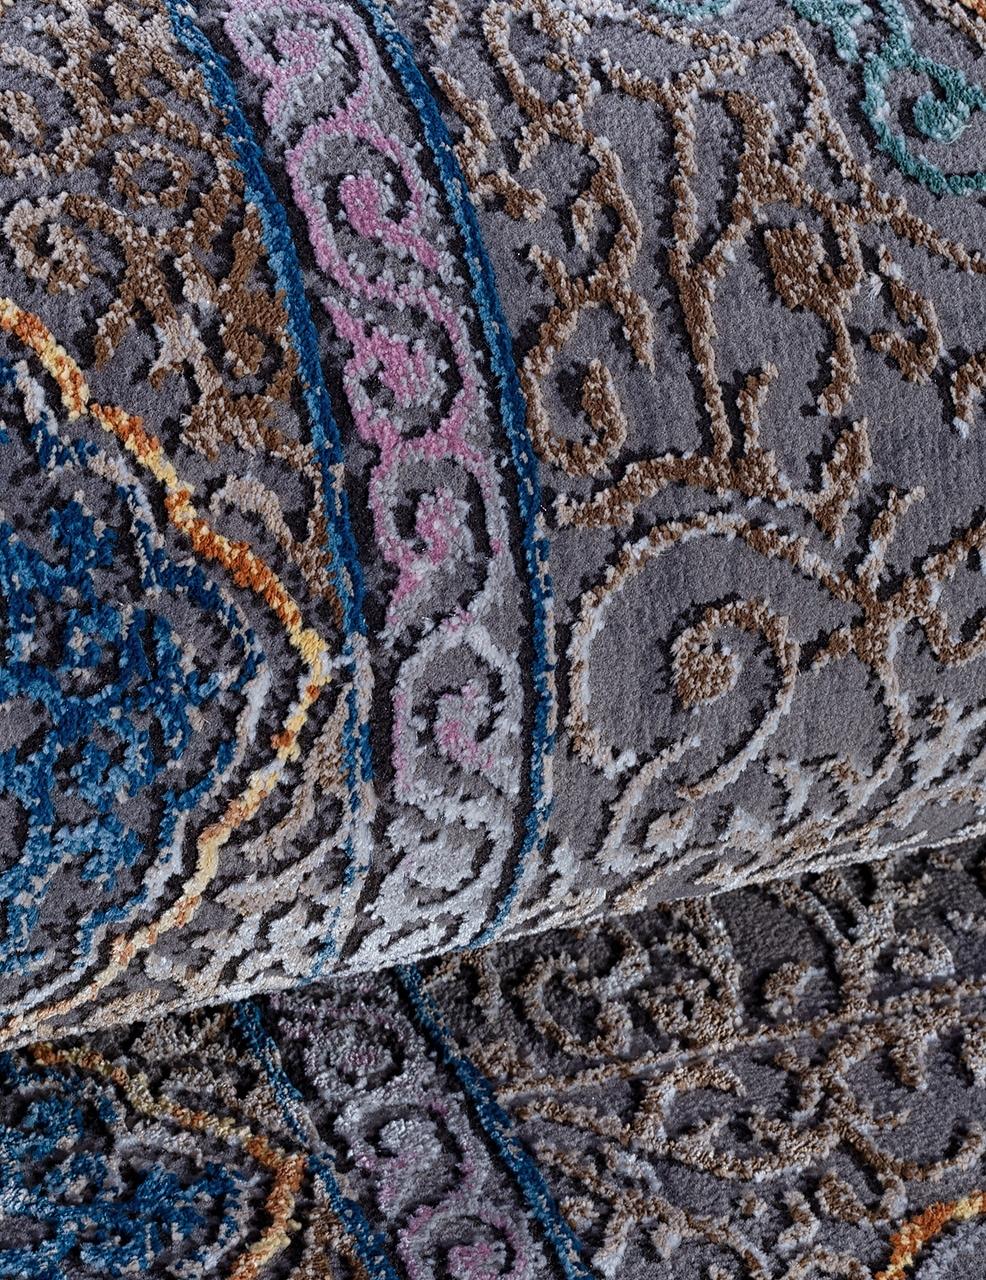 Ковер 31777 - 095 GREY - Прямоугольник - коллекция QUARES - фото 4